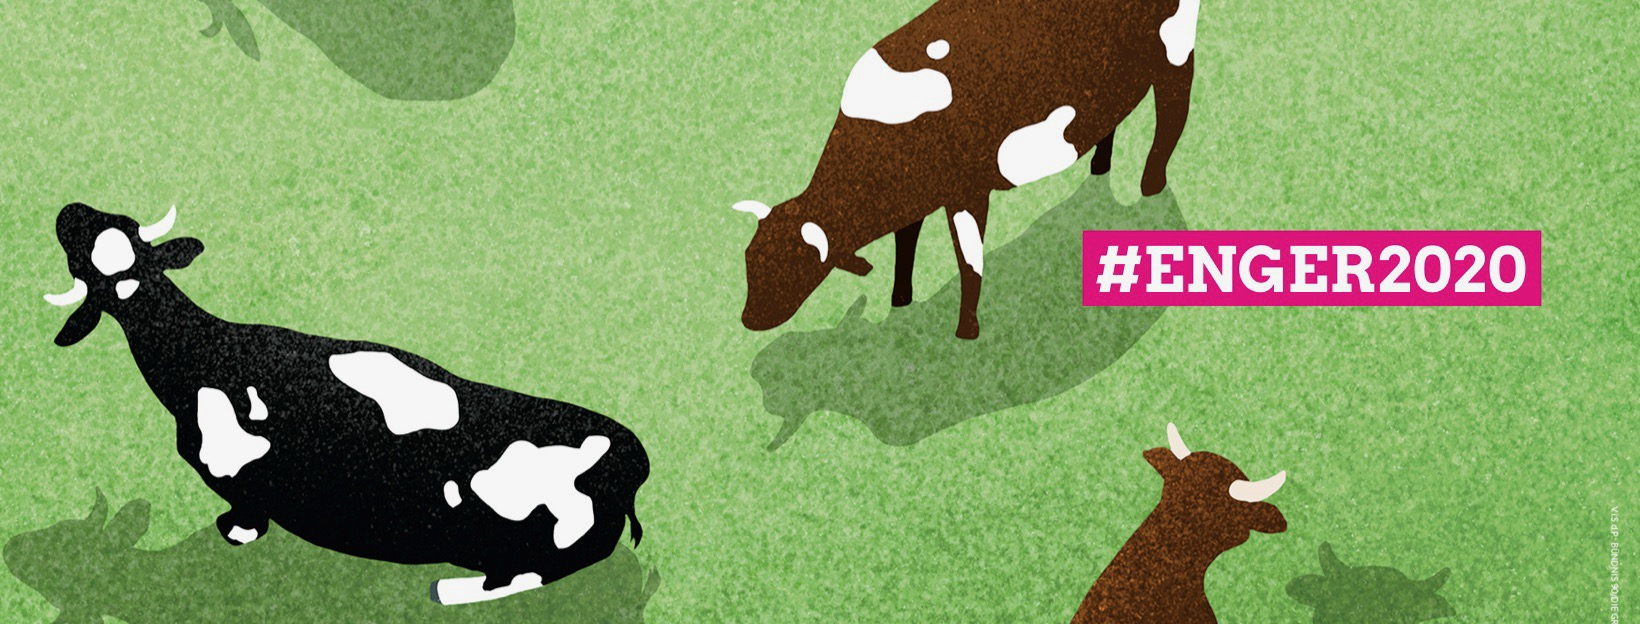 Für eine Landwirtschaft ohne Massentierhaltung